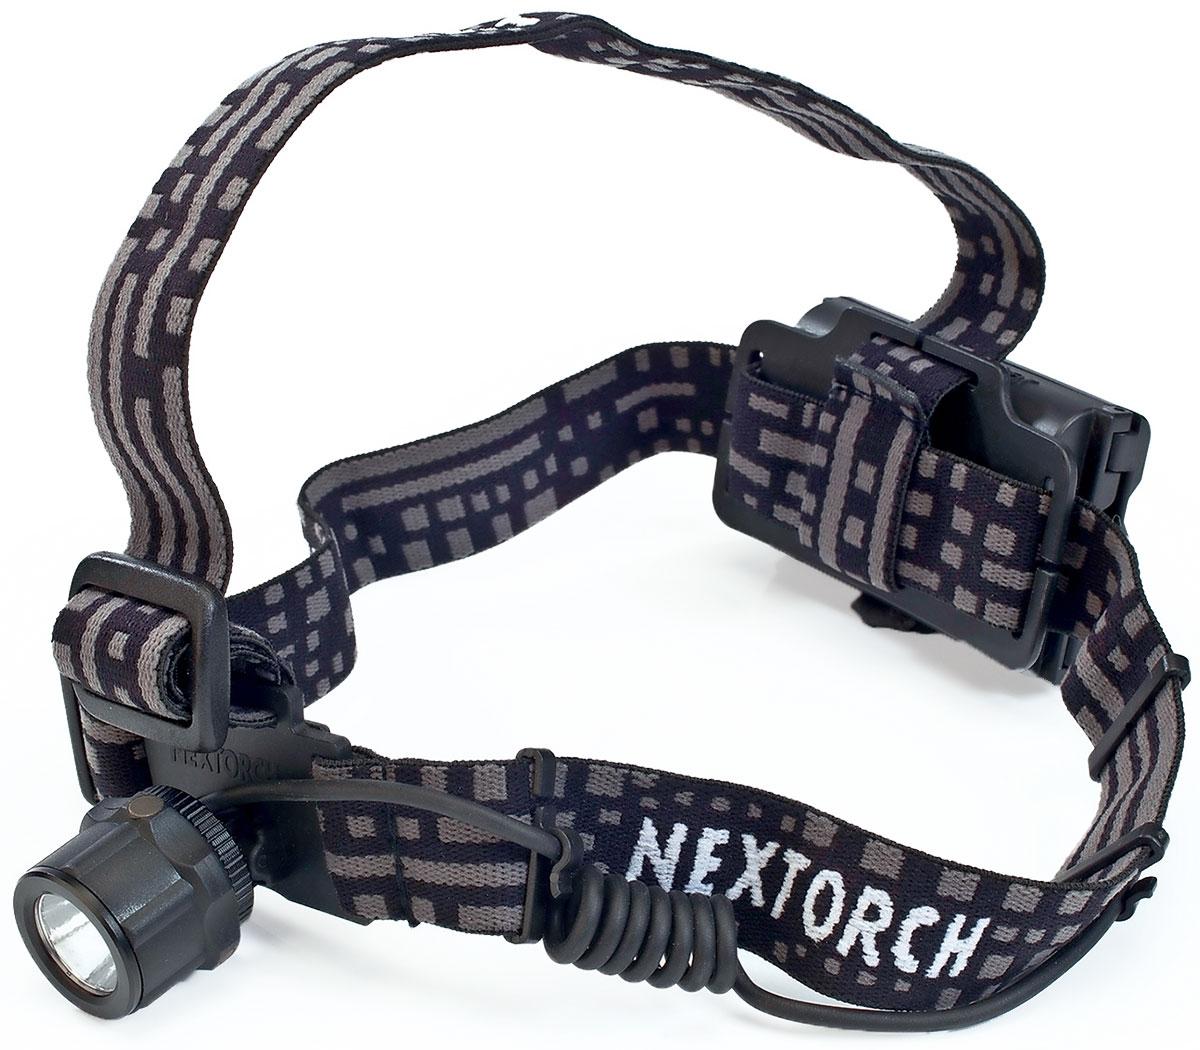 Фонарь налобный Nextorch Viker Star, цвет: черныйViker StarНалобный фонарь светодиодный Nextorch Viker Star до 140 люмен, 3 режимаНалобный фонарь Viker Star- это многофункциональный налобный фонарь. Он может использоваться на пеших и велосипедных прогулках, выездах на природу, при работах по хозяйству и в гараже, при монтажных работах, а так же при чтении книг и многое другое. Фонарь не боится ударов и имеет влагоустойчивый корпус. Ремешки сделаны из материала, который представляет собой смесь высококачественного нейлона и резины, что делает его воздухопроницаемым (дышащим) и удобным. Это позволяет легко и быстро регулировать ремень по обхвату вашей головы. Блок размещения батарей находится сзади. Смена режимов работы фонаря осуществляется поворотом блока свечения. На поворотном кольце имеется индикатор заряда батареи, который загорается только при необходимости замены элементов питания. Блок свечения имеет угол наклона до 90°. Режимы работы:1. Полная яркость 225 люм. 2. Слабое свечение 20 люм. 3. S. O. S. Характеристики:Светодиод:CREE XP-G2 R5. Мощность, люмены: 225 / 20 / S. O. SВремя работы, минуты: 5ч. / 47ч. / -- . Тип батареи: 3 х AA (не поставляются в комплекте). Дистанция: 120 м. Диаметр блока свечения: 30 ммМатериал корпуса: Корпус выполнен из противоударного пластика ABS. Водонепроницаемость: 1м. Ударопрочность: 1м. Вес с упаковкой: 152 гКомплектация: Фонарь. Компания Nextorch уделяет особенное внимание производству инновационных переносных осветительных приборов. Применение самых передовых технологий освещения позволяет использовать максимально яркие источники света, достигая при этом невероятной эффективности и исключительной долговечности элементов питания. Использование материалов аэрокосмических технологий - алюминия марки 6061-T6 с жестким анодированным покрытием Mil-Spec III для корпуса и элементов управления, придает фонарям Nextorch прочность, легкость, долговечность и эргономичность.